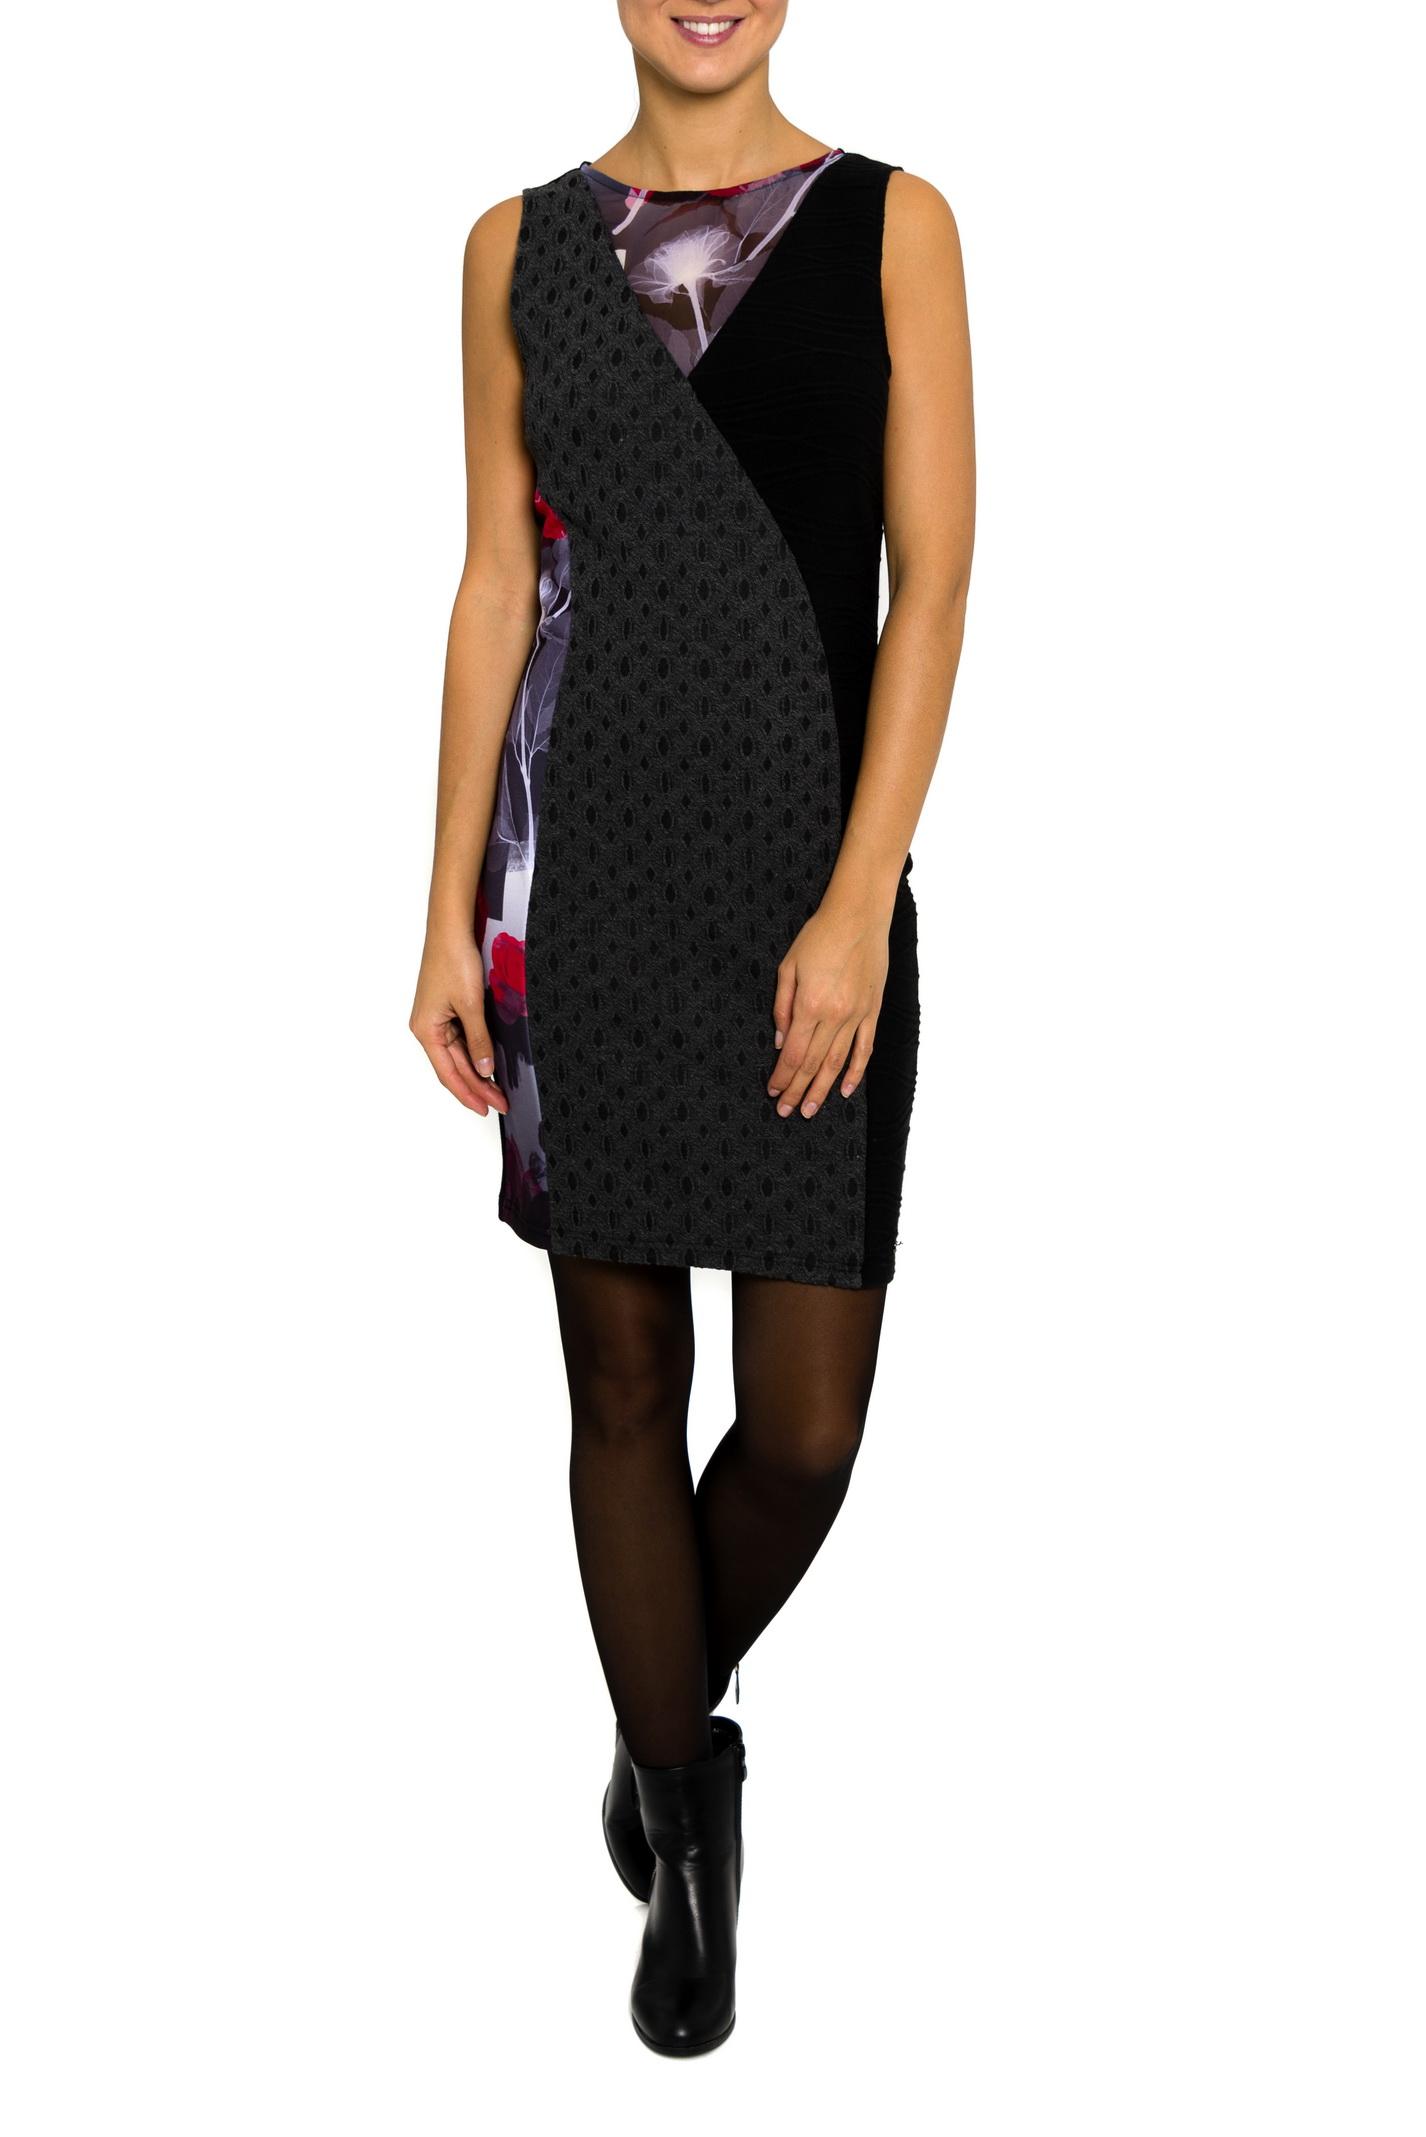 Smash BRASIL krátké šaty černé - Glami.cz e0fbb18e449